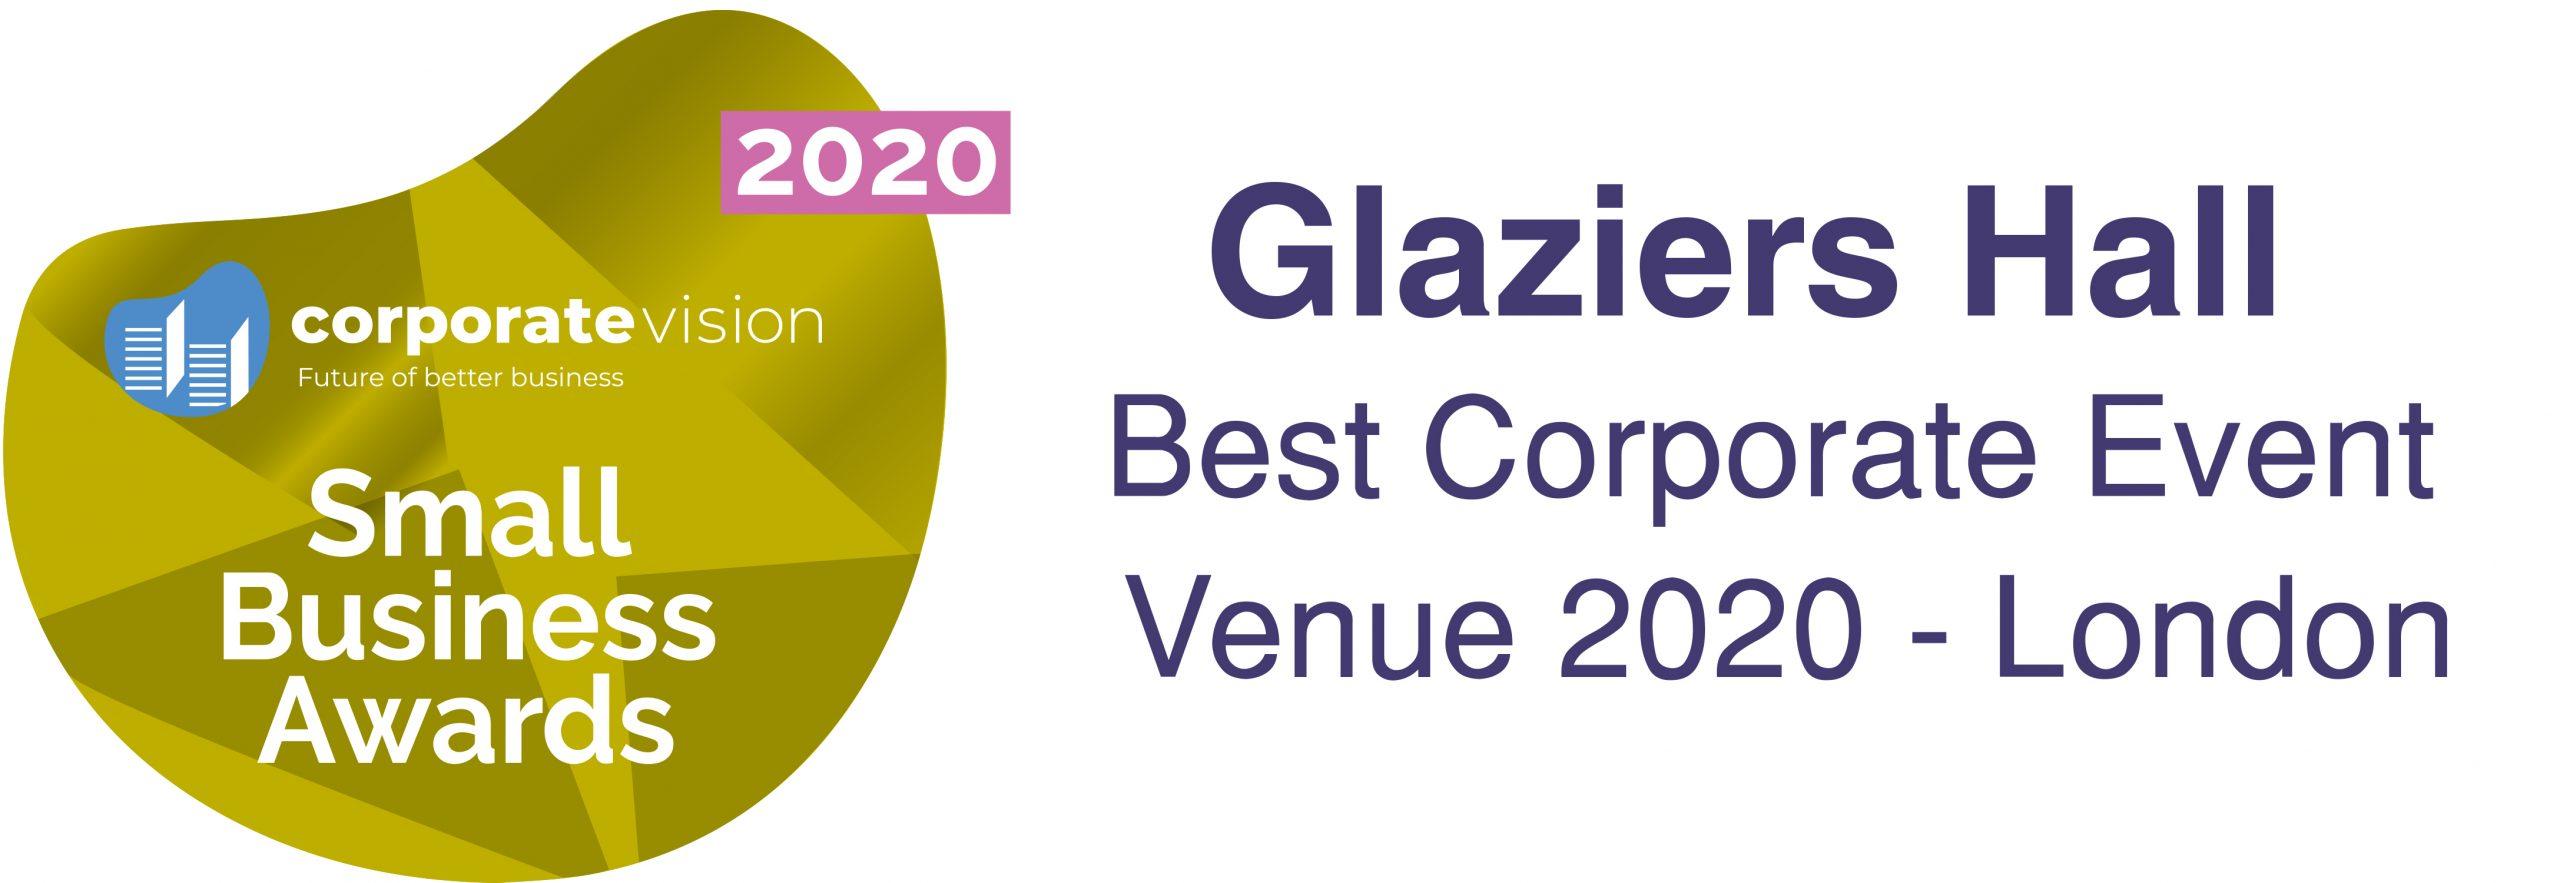 Best Corporate Event Venue - London 2020